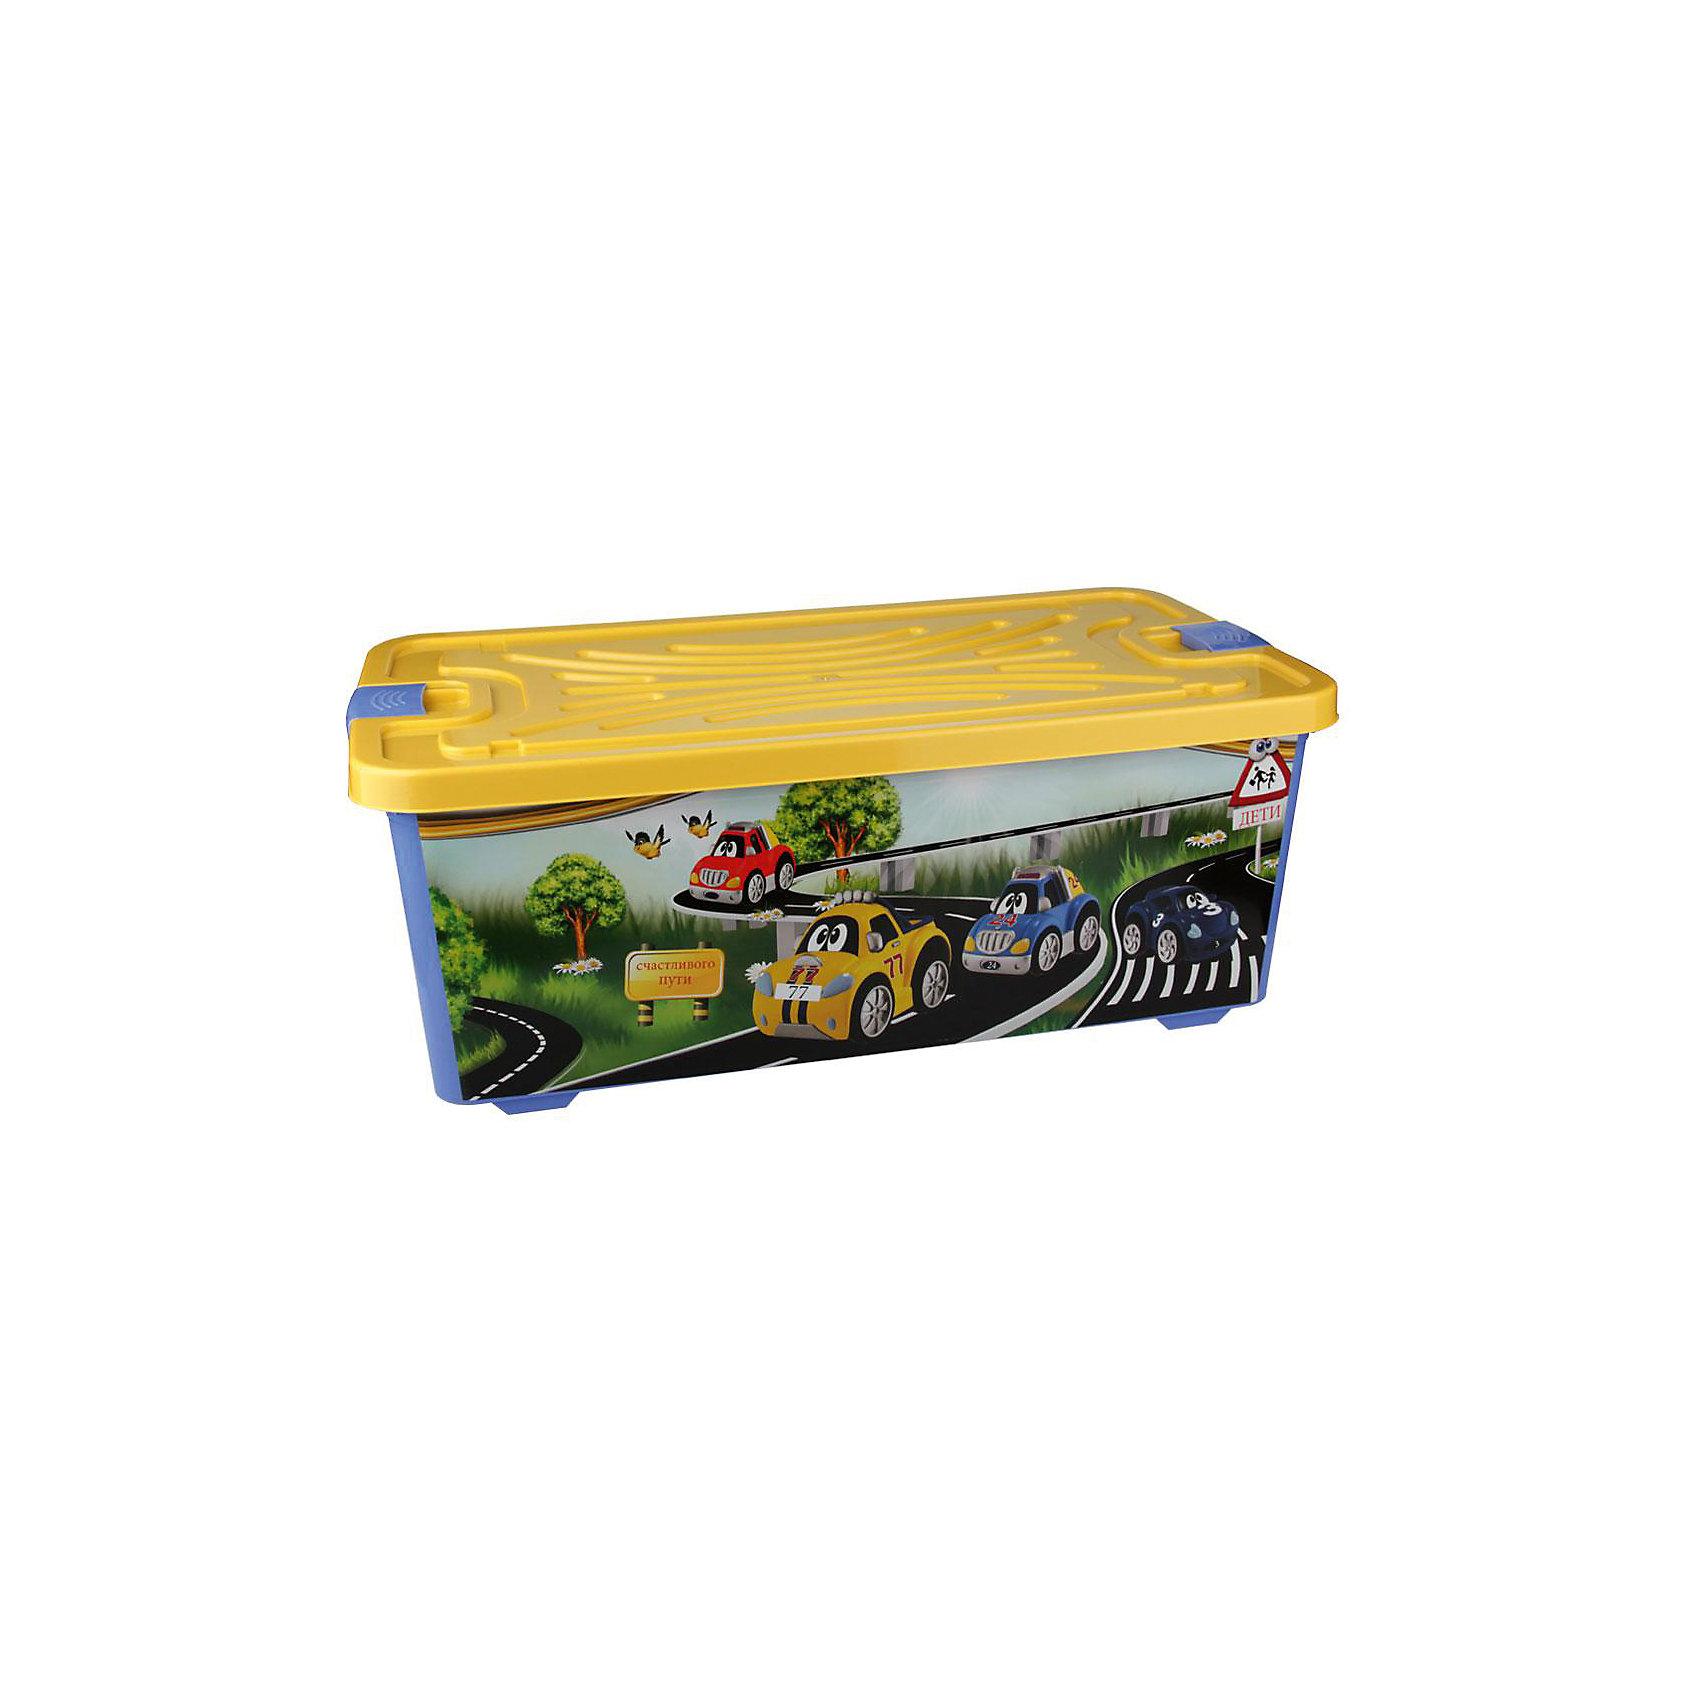 Контейнер для игрушек Форсаж (прямоугольный) 75л., AlternativaПорядок в детской<br>Характеристики:<br><br>• Предназначение: для хранения игрушек<br>• Материал: пластик<br>• Цвет: желтый, голубой, зеленый, серый<br>• Размер (Д*Ш*В): 78*42,5*30 см<br>• Вместимость (объем): 75 л<br>• Форма: прямоугольныйольный<br>• Наличие крышки <br>• Особенности ухода: разрешается мыть теплой водой<br><br>Контейнер для игрушек Форсаж (прямоугольный) 75 л., Alternativa изготовлен отечественным производителем ООО ЗПИ Альтернатива, который специализируется на выпуске широкого спектра изделий из пластика. <br>Контейнер выполнен из экологически безопасного пластика, устойчивого к механическим повреждениям, корпус оформлен ярким рисунком с героями мультсериала Тачки, в комплекте имеется крышка яркого желтого цвета. Изделие позволит обеспечить не только порядок в комнате ребенка, но и станет ярким предметом интерьера. Контейнер для игрушек Форсаж (прямоугольный) 75 л., Alternativa вместительный, но при этом обладает легким весом.<br><br>Контейнер для игрушек Форсаж (прямоугольный) 75 л., Alternativa можно купить в нашем интернет-магазине.<br><br>Ширина мм: 780<br>Глубина мм: 300<br>Высота мм: 300<br>Вес г: 2518<br>Возраст от месяцев: 6<br>Возраст до месяцев: 84<br>Пол: Мужской<br>Возраст: Детский<br>SKU: 5096587